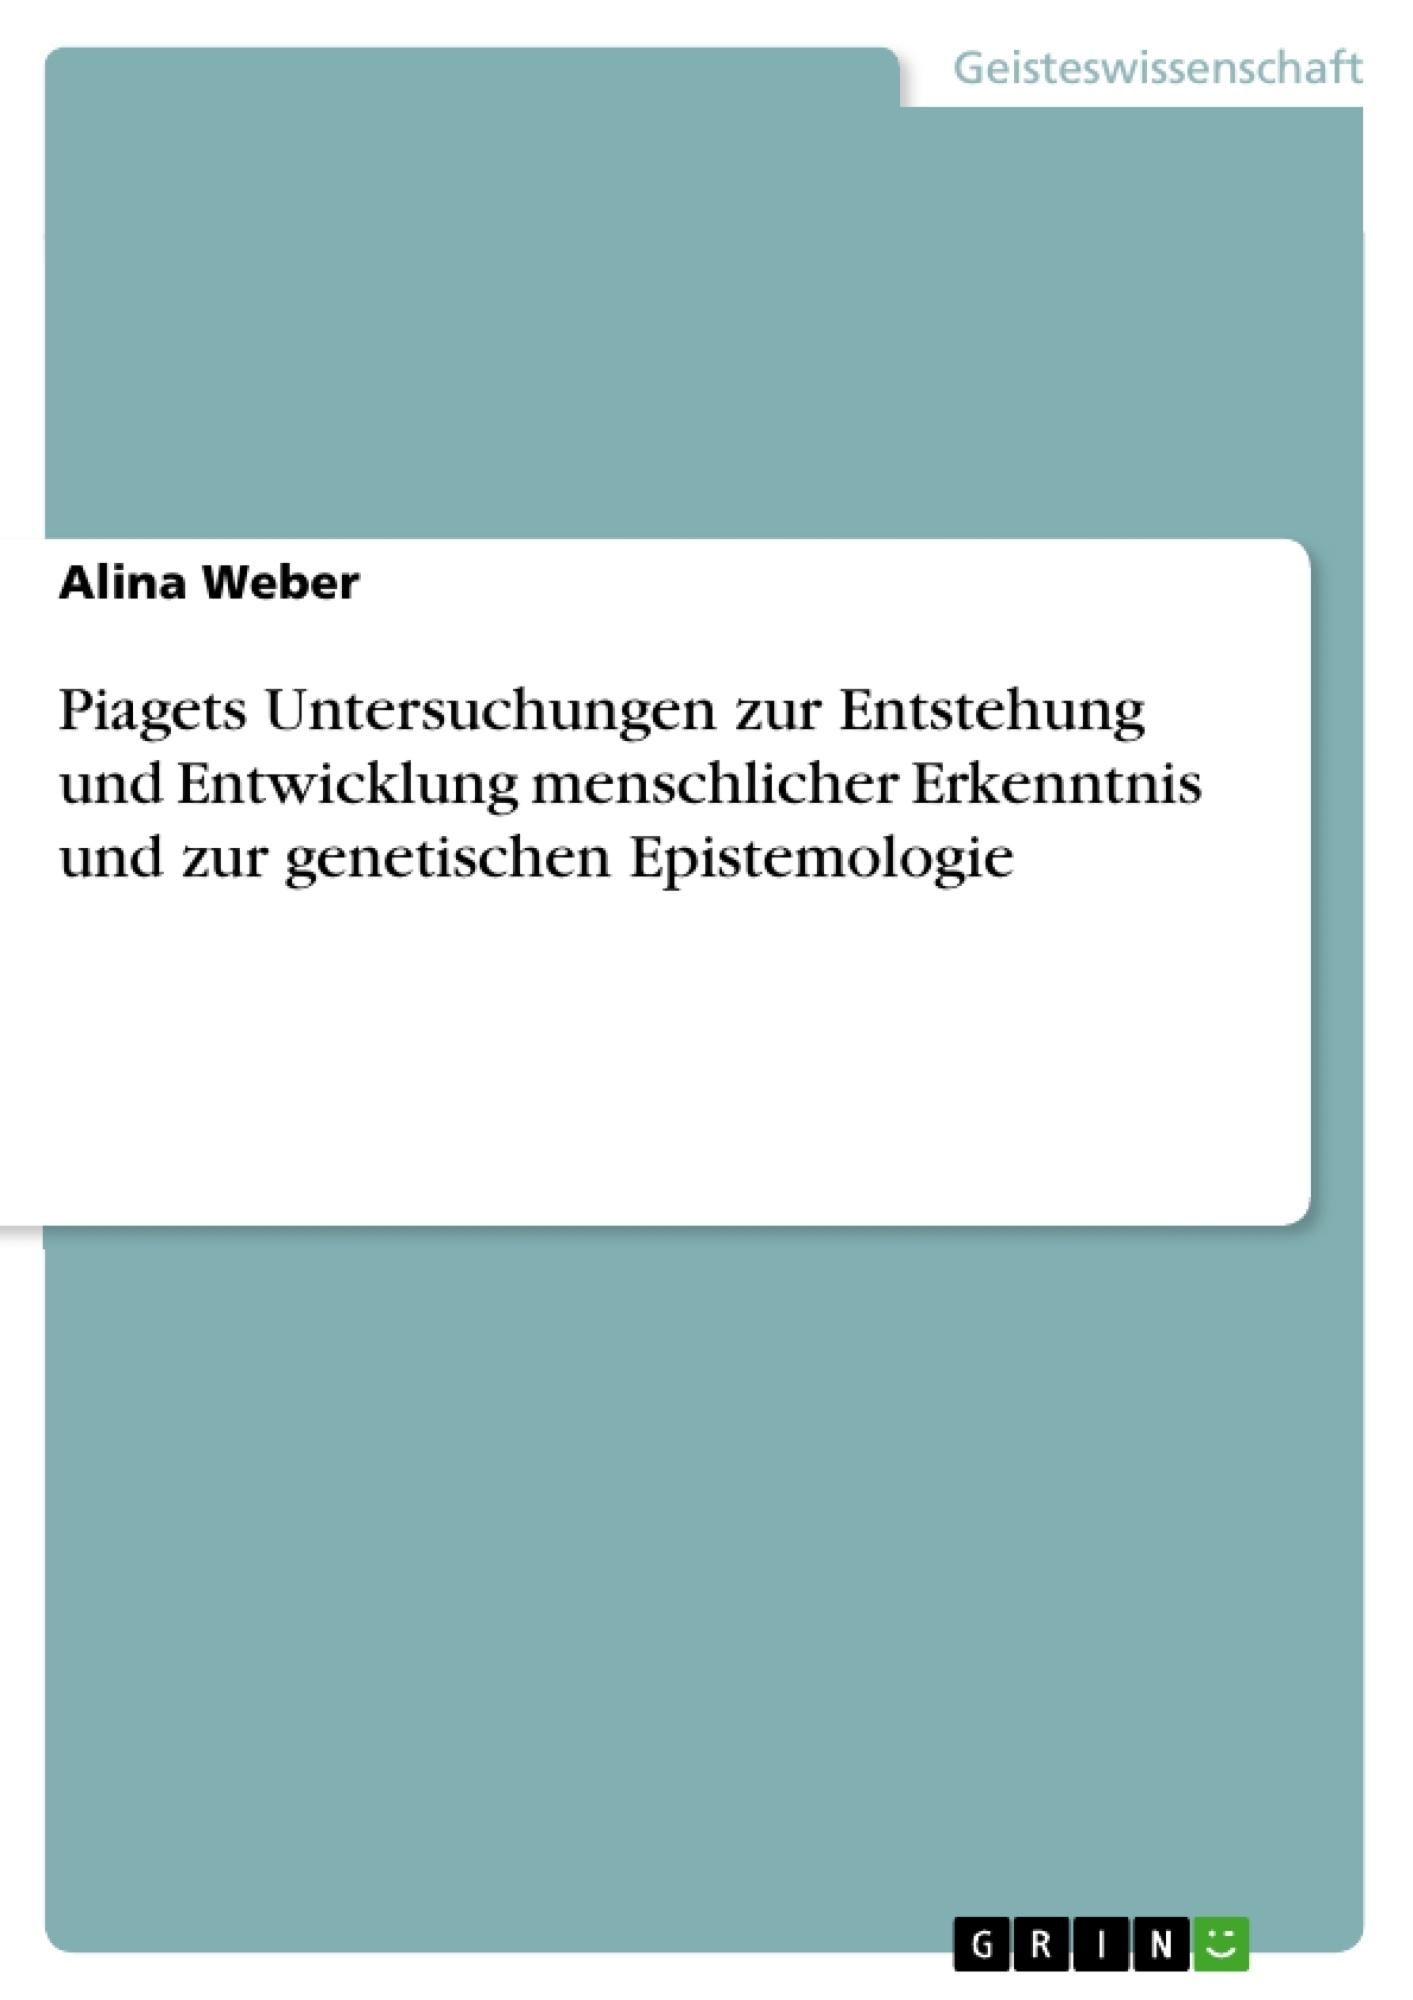 Titel: Piagets Untersuchungen zur Entstehung und Entwicklung menschlicher Erkenntnis und zur genetischen Epistemologie